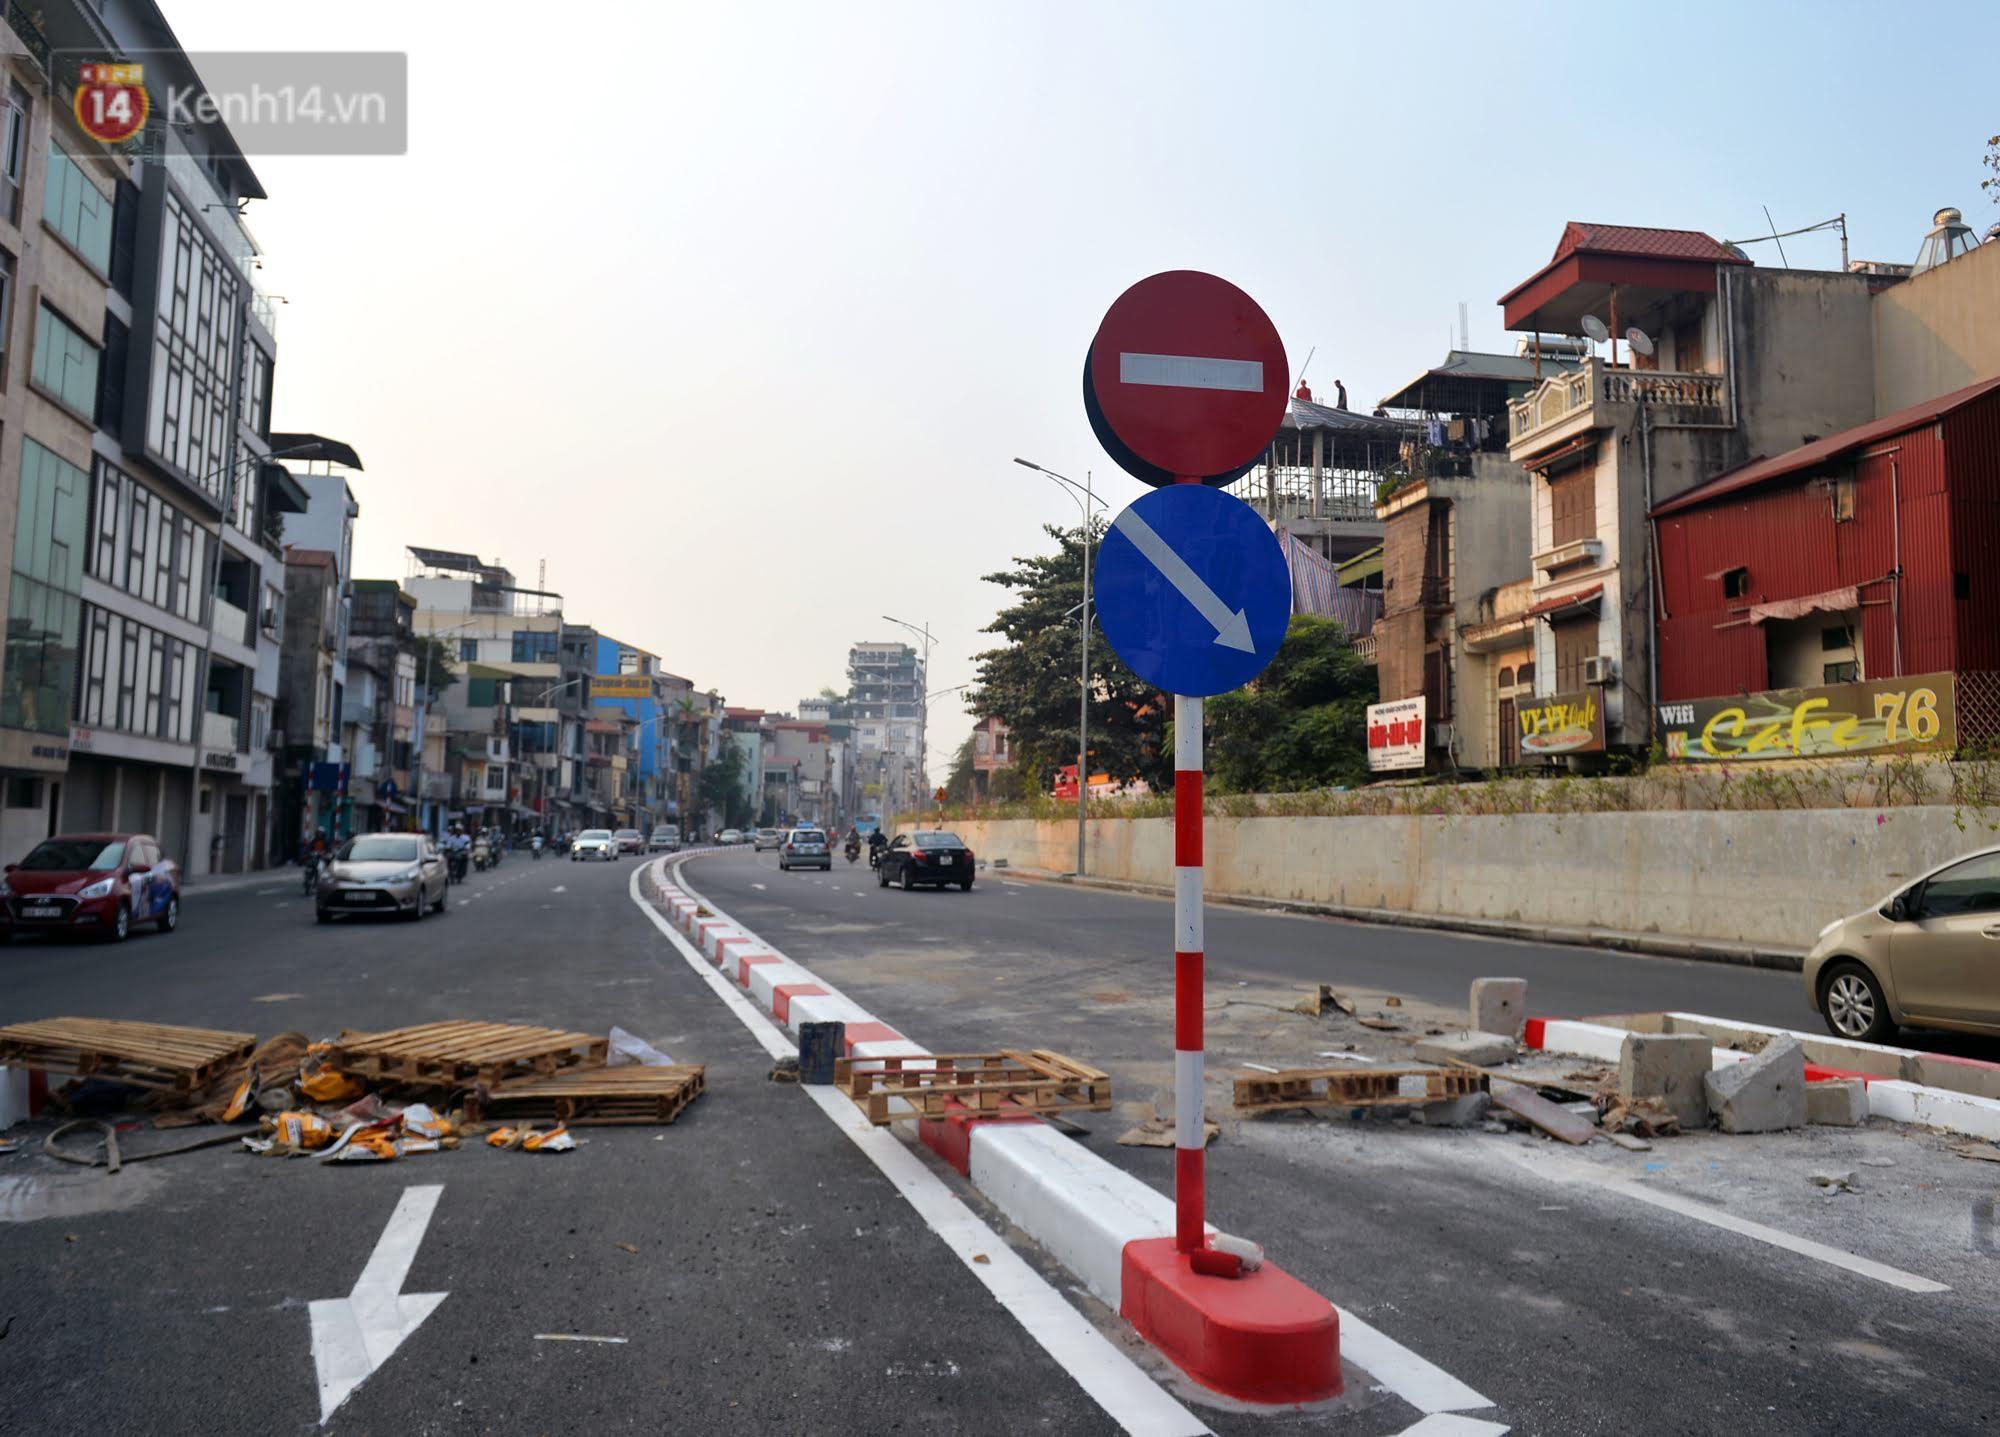 Clip, ảnh: Cận cảnh cầu vượt hơn 300 tỷ ở nút giao An Dương - Nghi Tàm trước ngày thông xe - Ảnh 7.